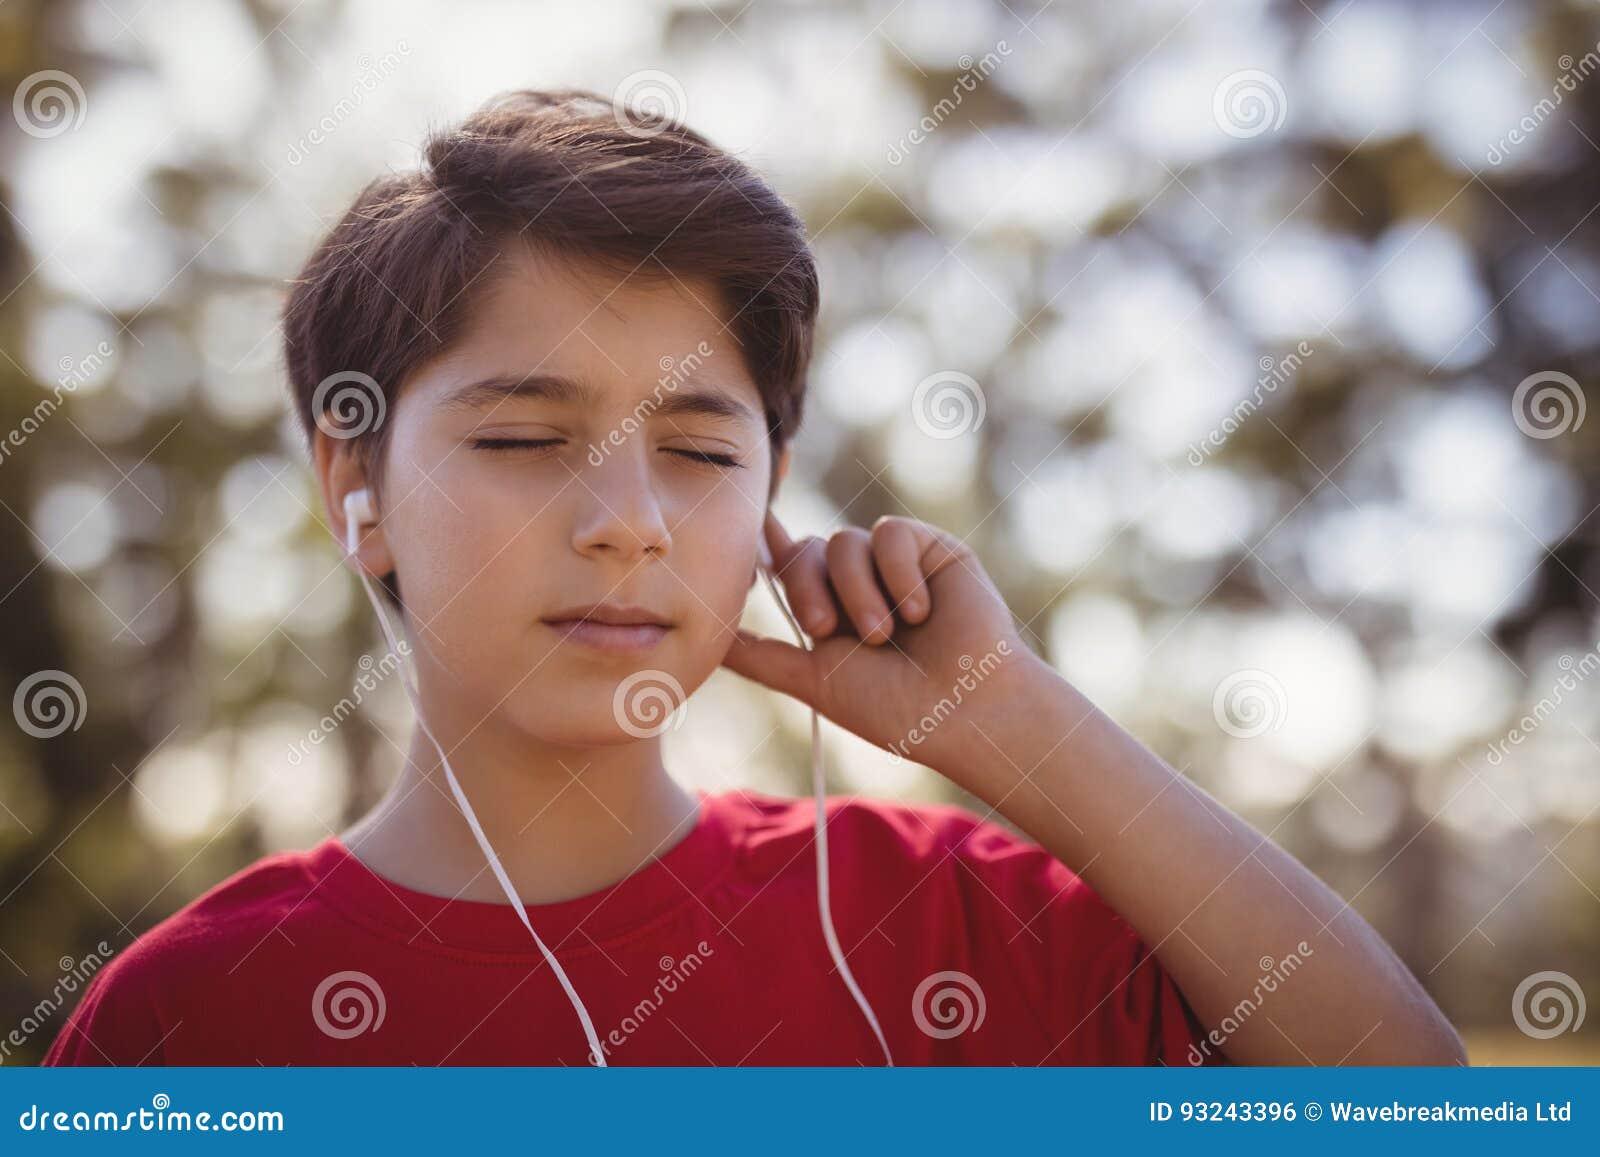 Närbild av lyssnande musik för pojke på hörlurar under hinderkurs